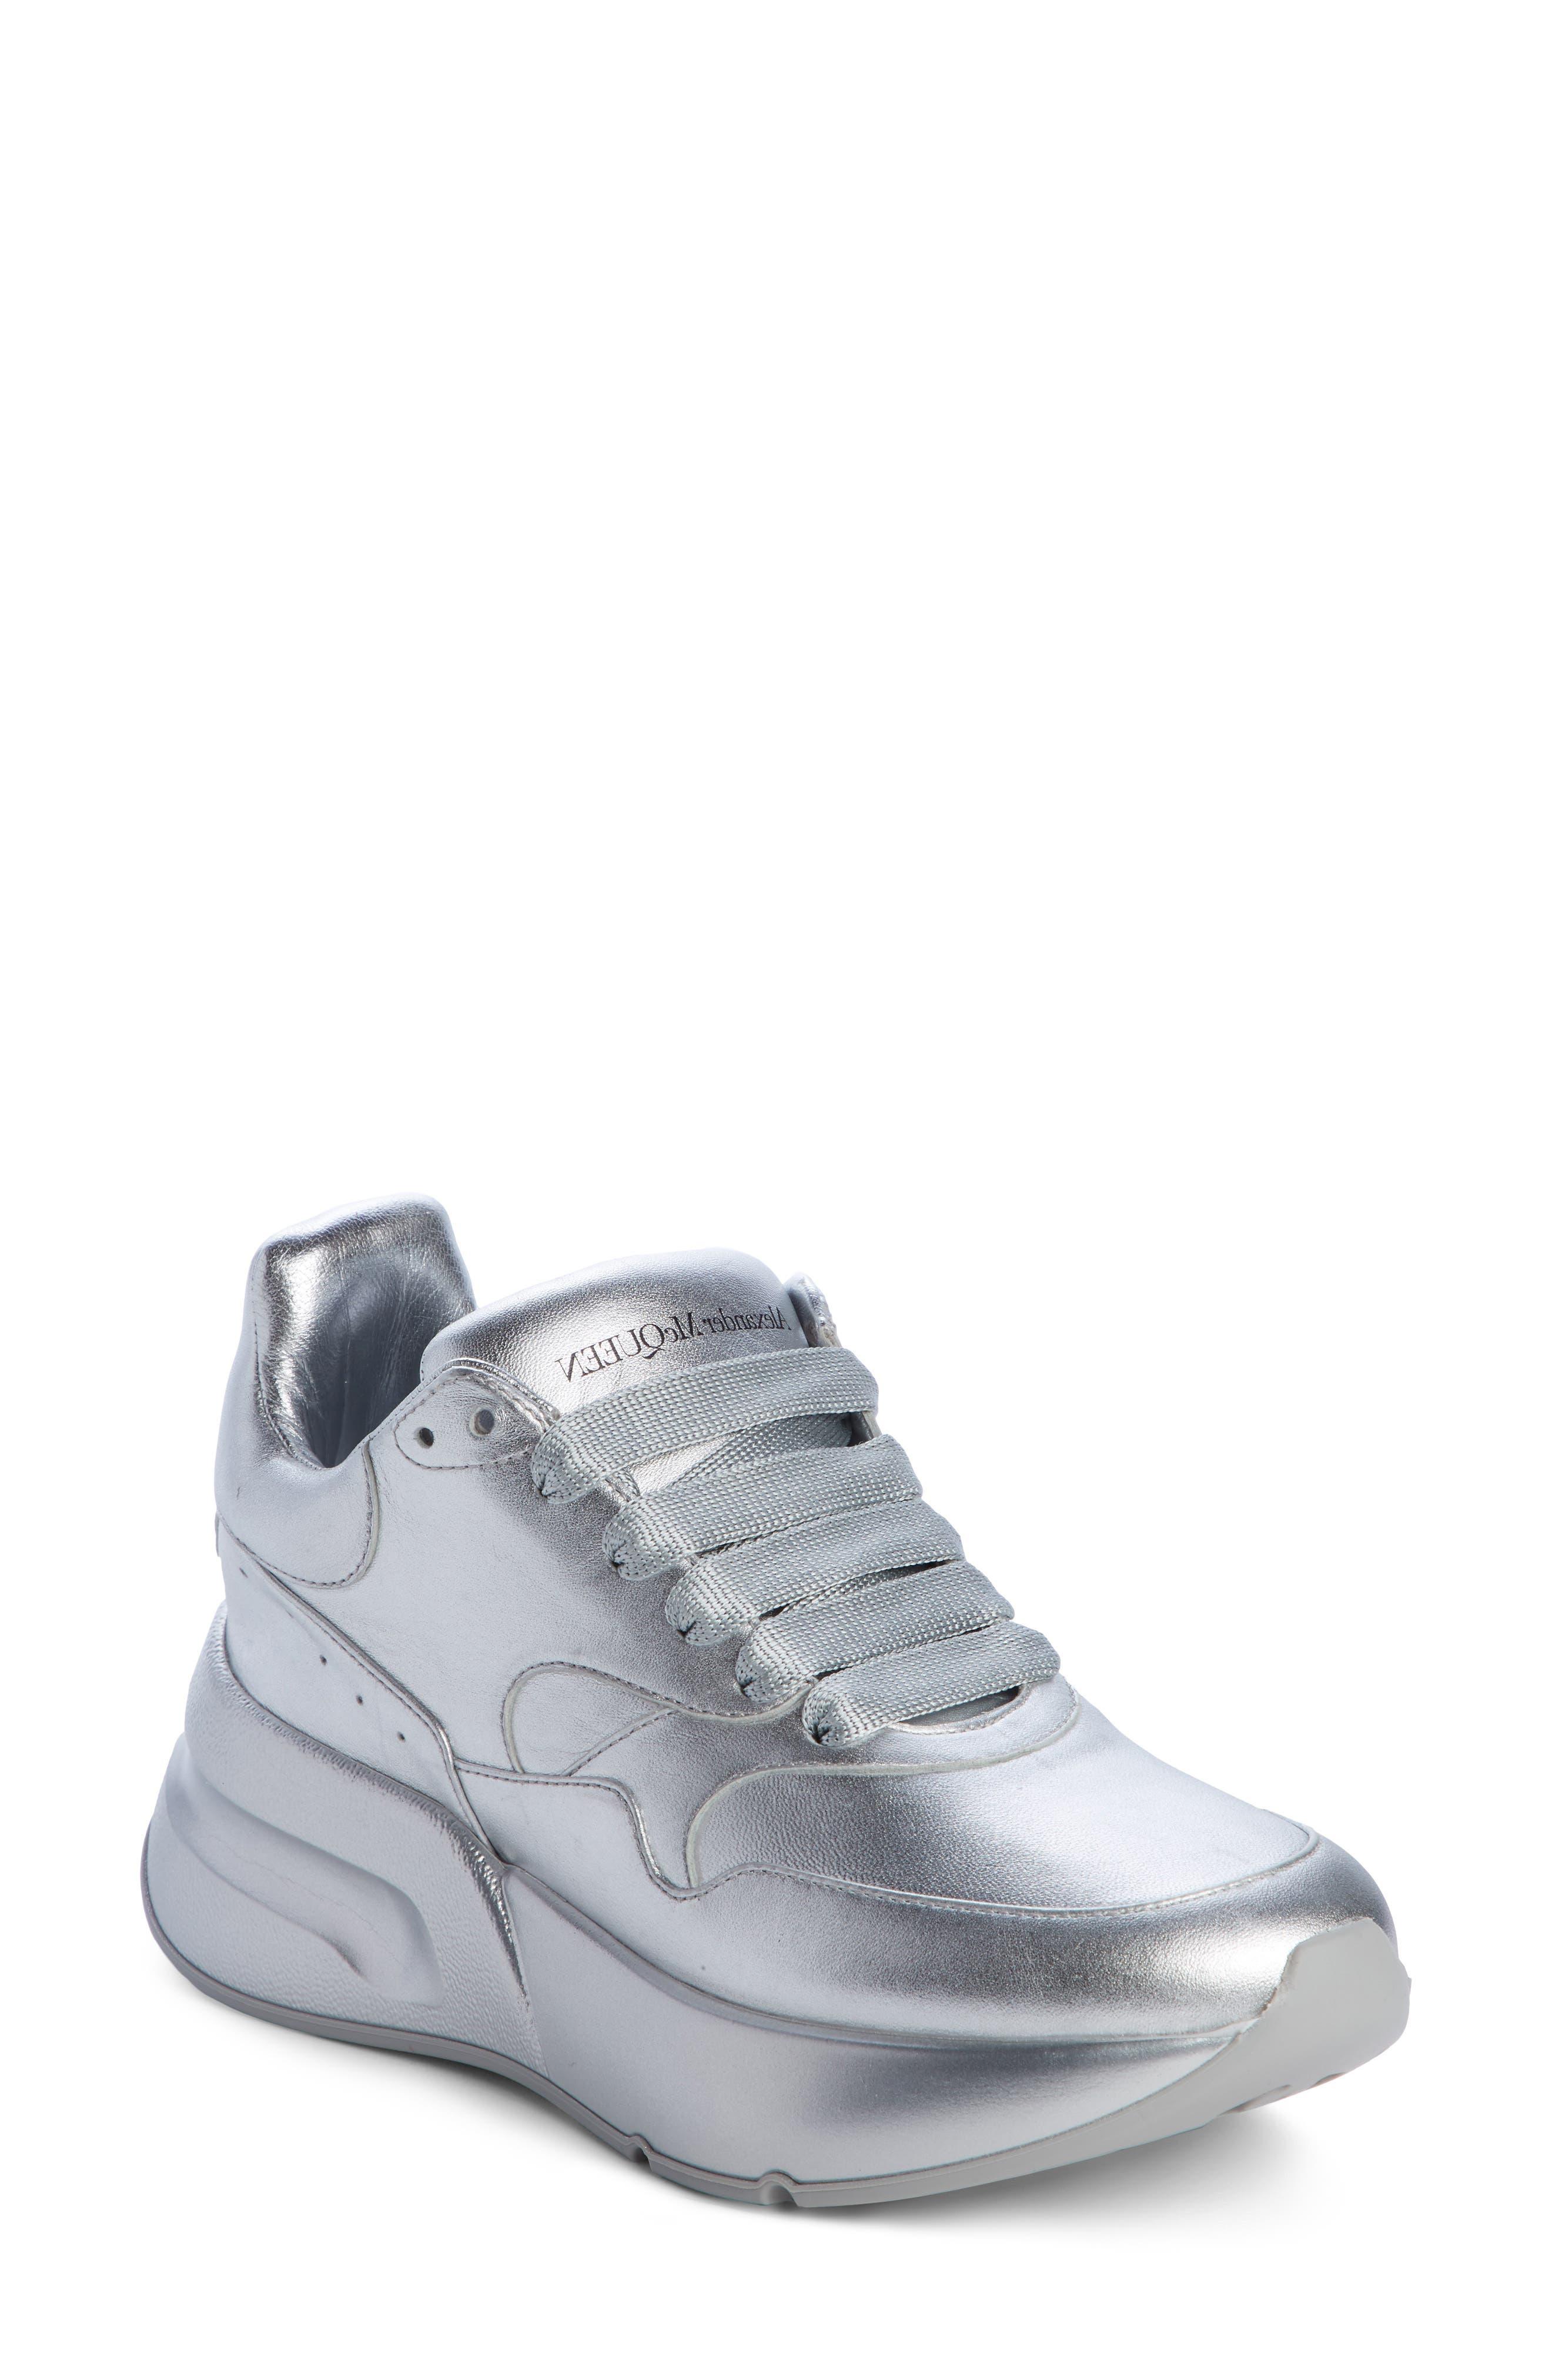 Alexander Mcqueen Platform Sneaker, Metallic